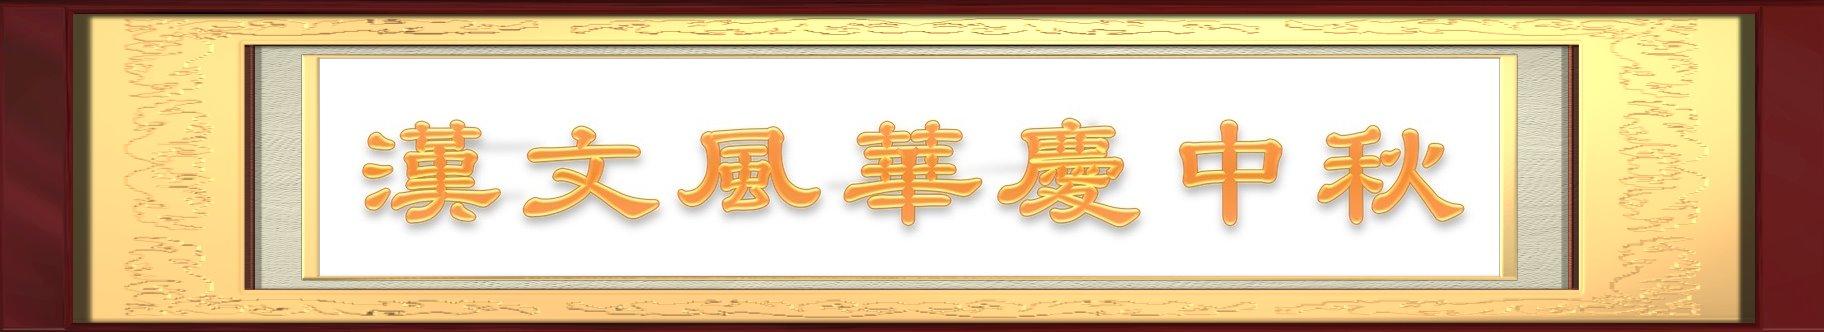 2012-9-28-Han